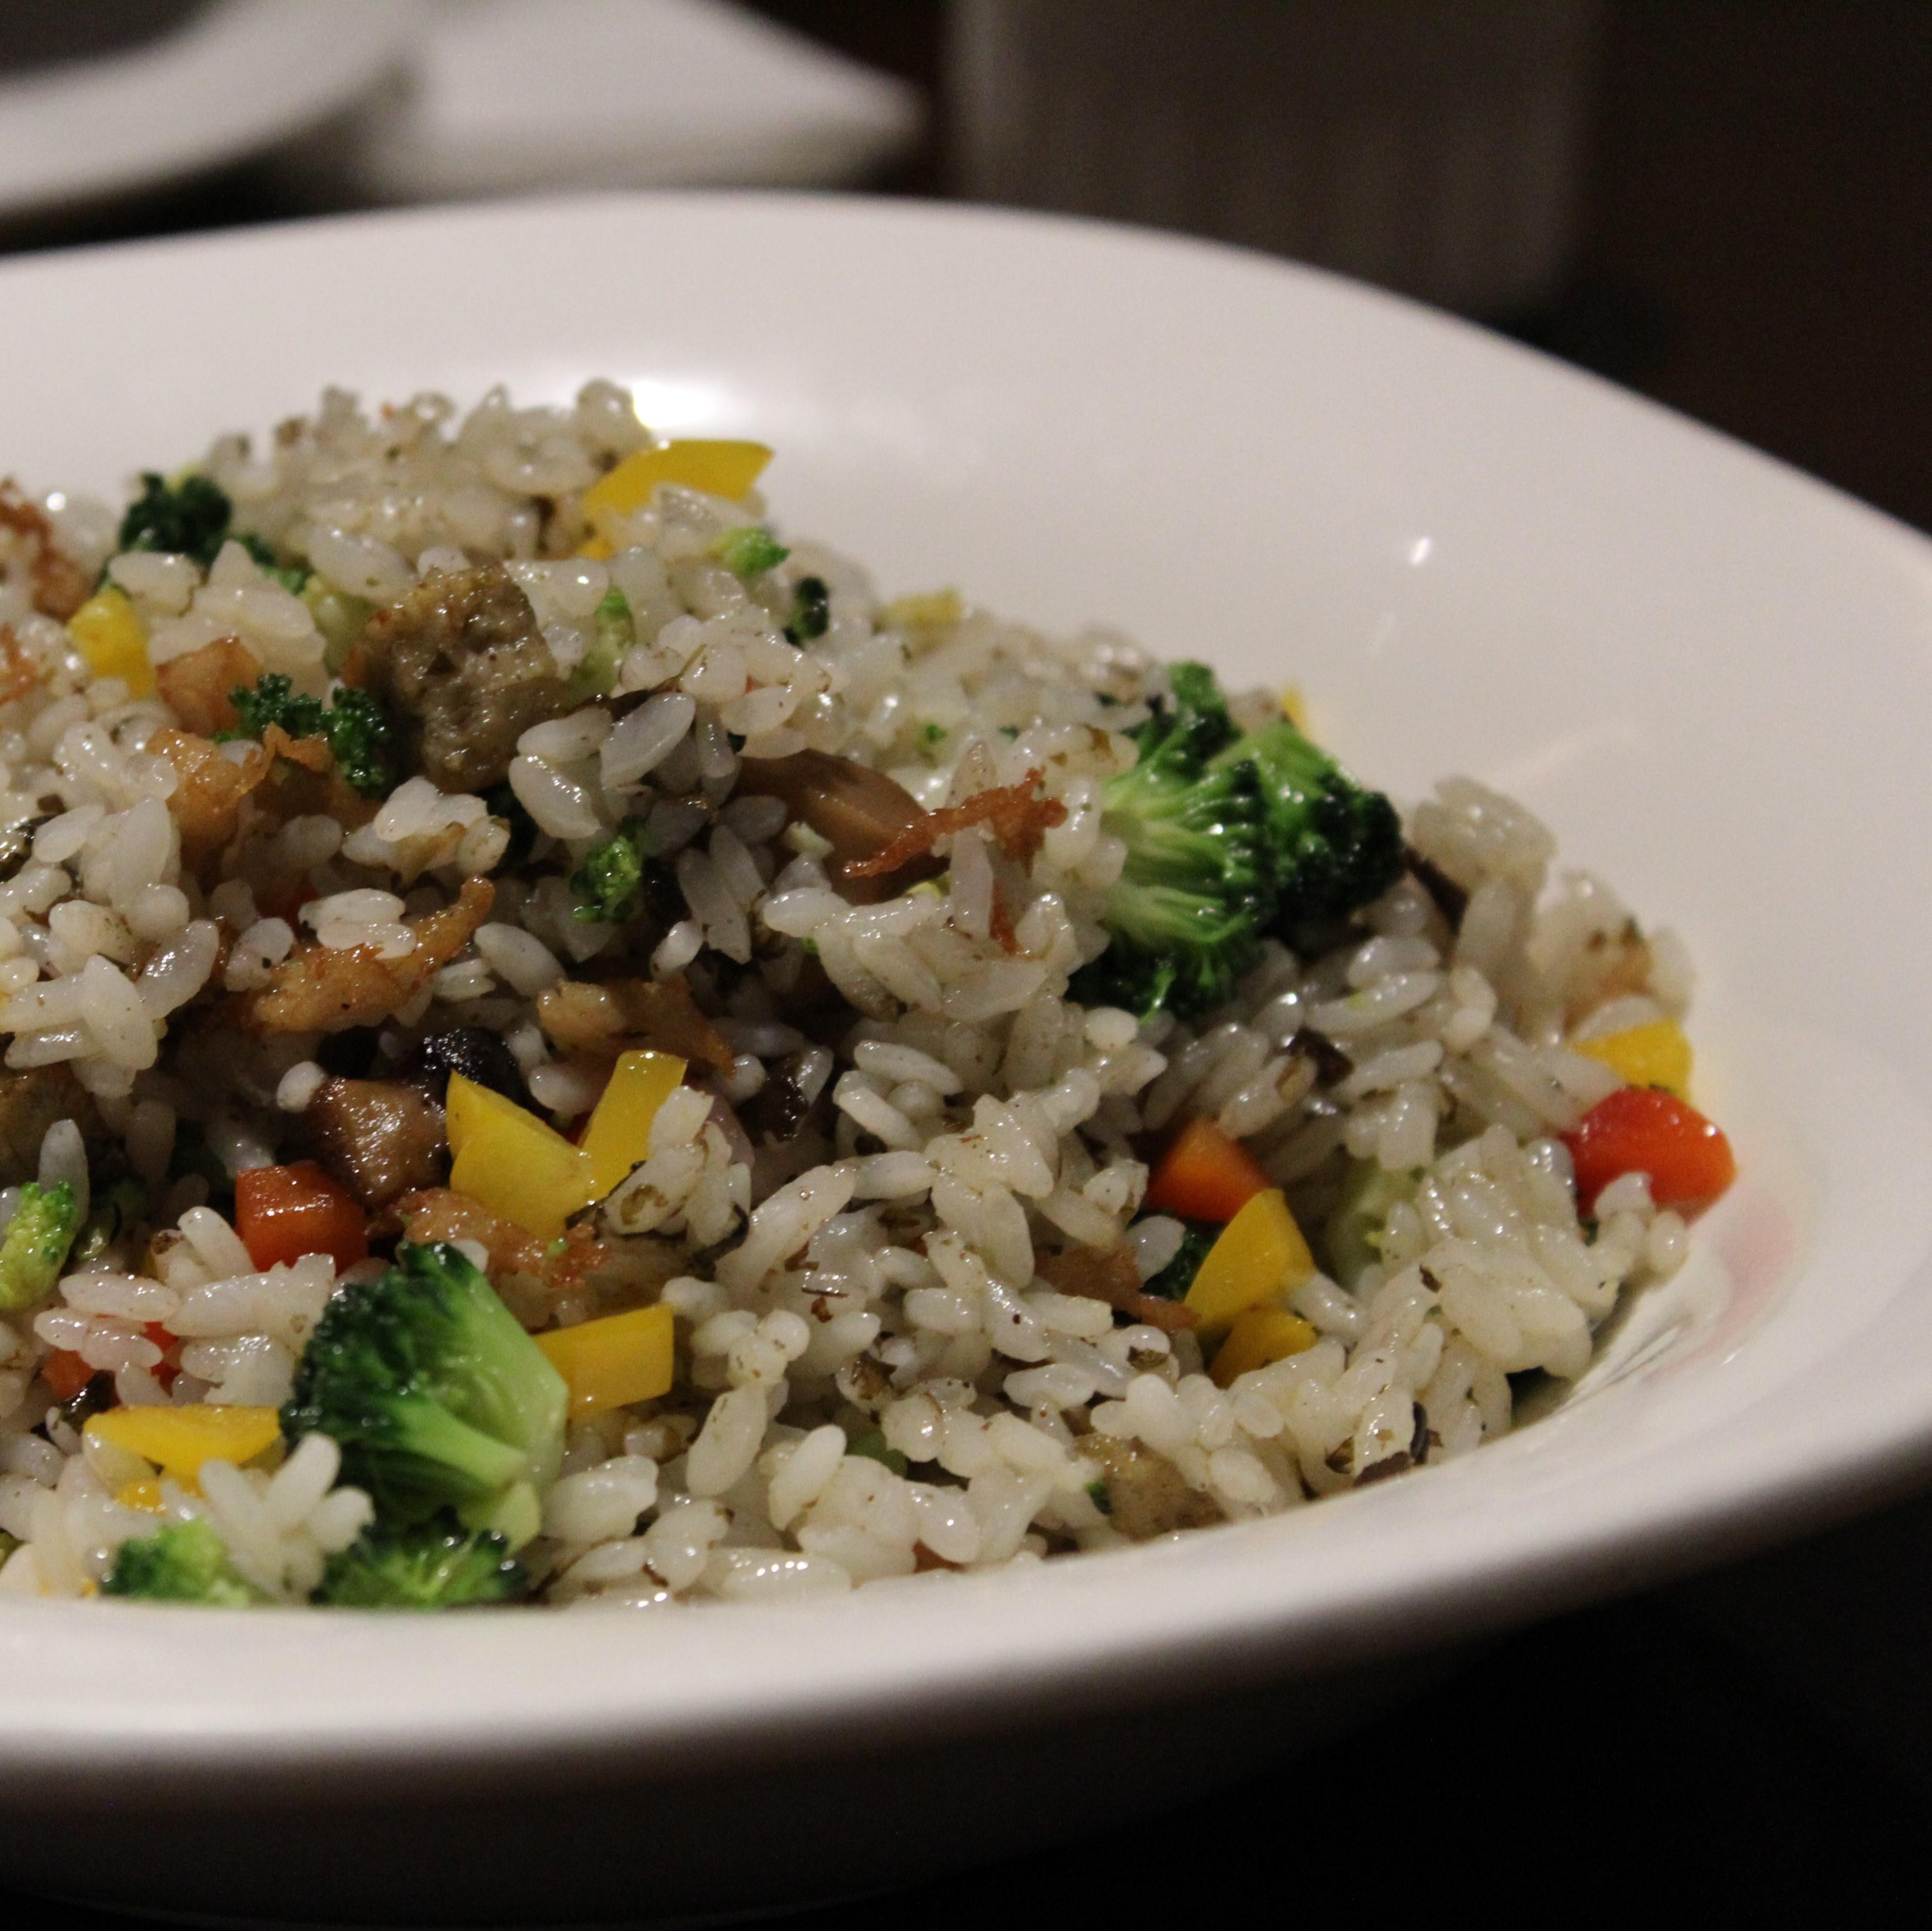 Das Bild zeigt einen weißen Porzellanteller mit Gemüsereis